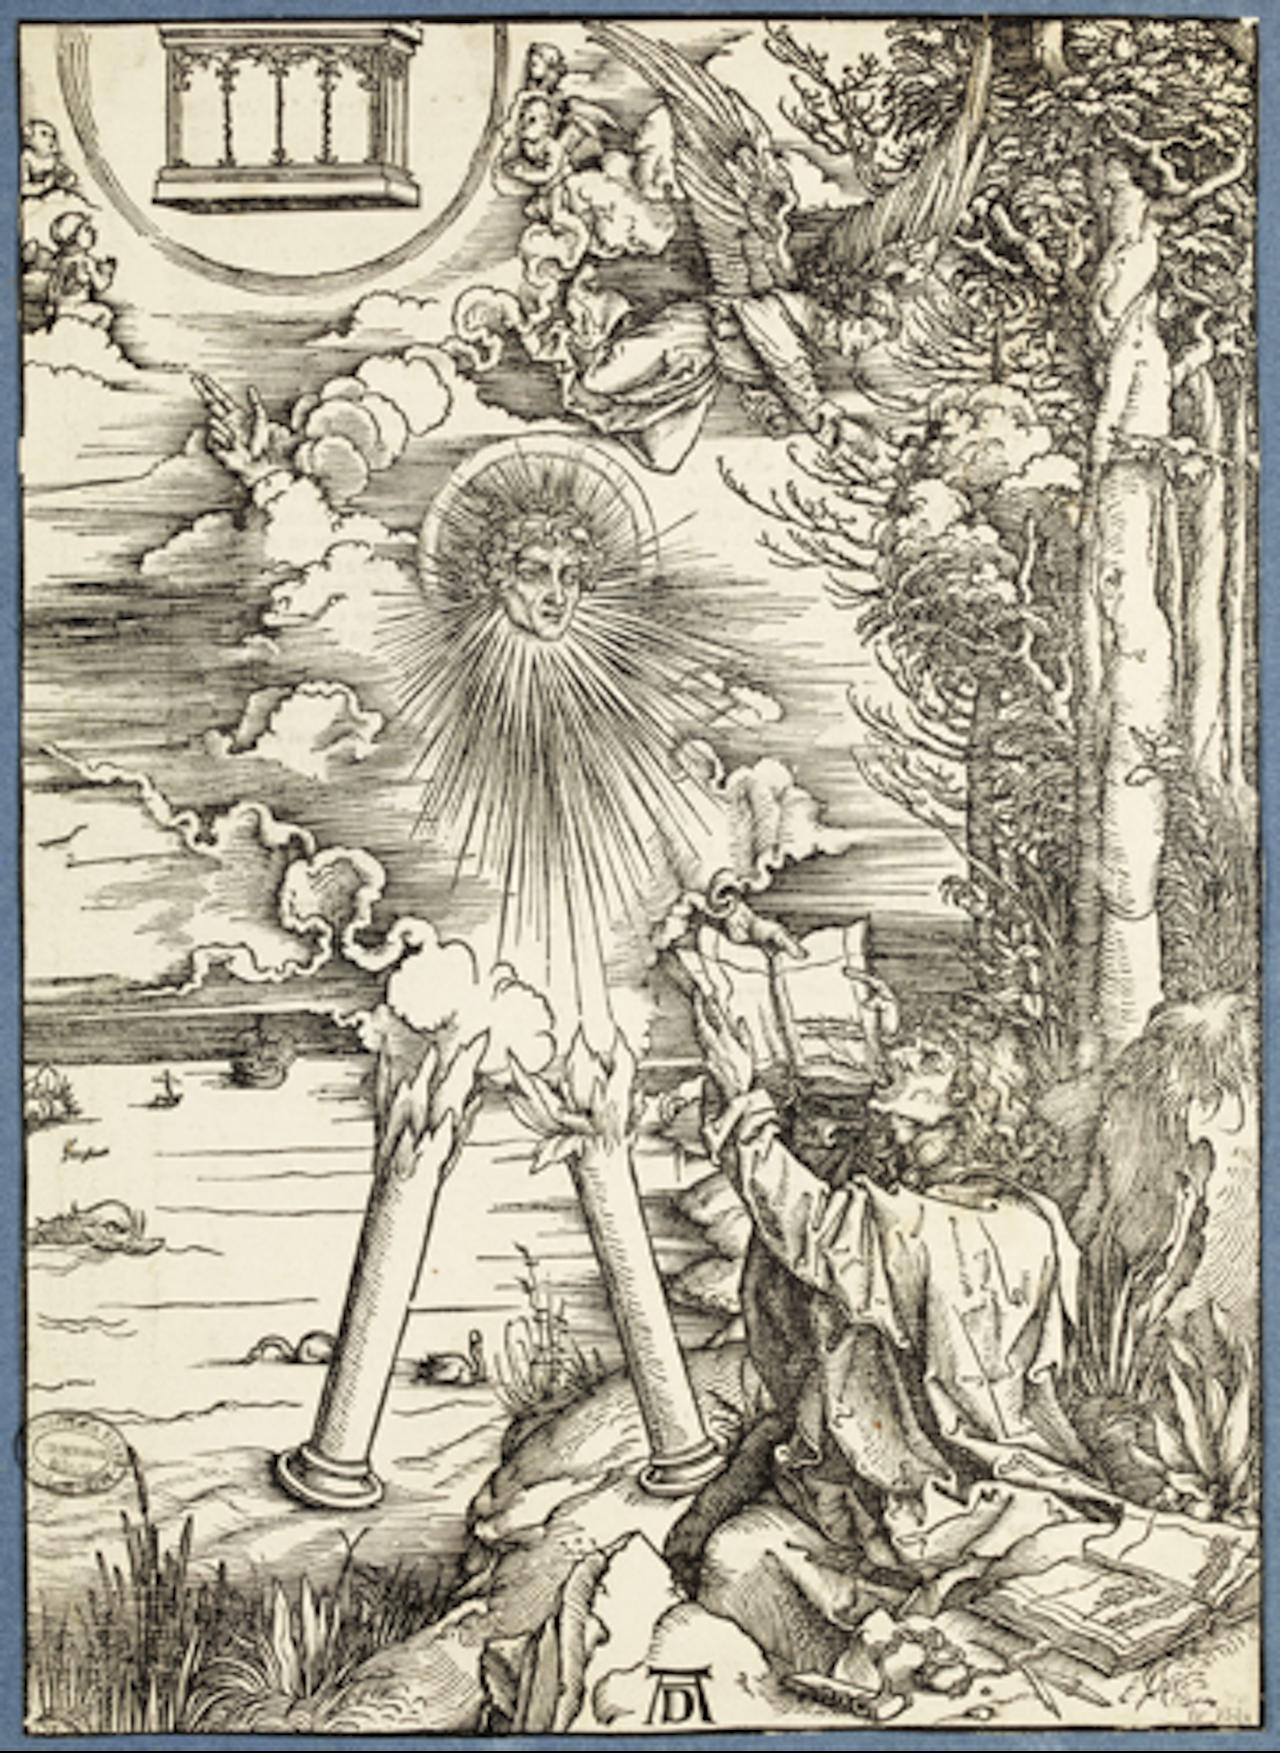 """Albrecht Dürer, """"Saint-Jean dévorant le livre de Vie"""" (St. John devouring the Book of Life) (circa1498) Ancienne collection éditoriale: Dürer, L'Apocalypse (éd. latine) Est 3524 coll. ENSBA © Beaux-Arts Paris, Dist."""